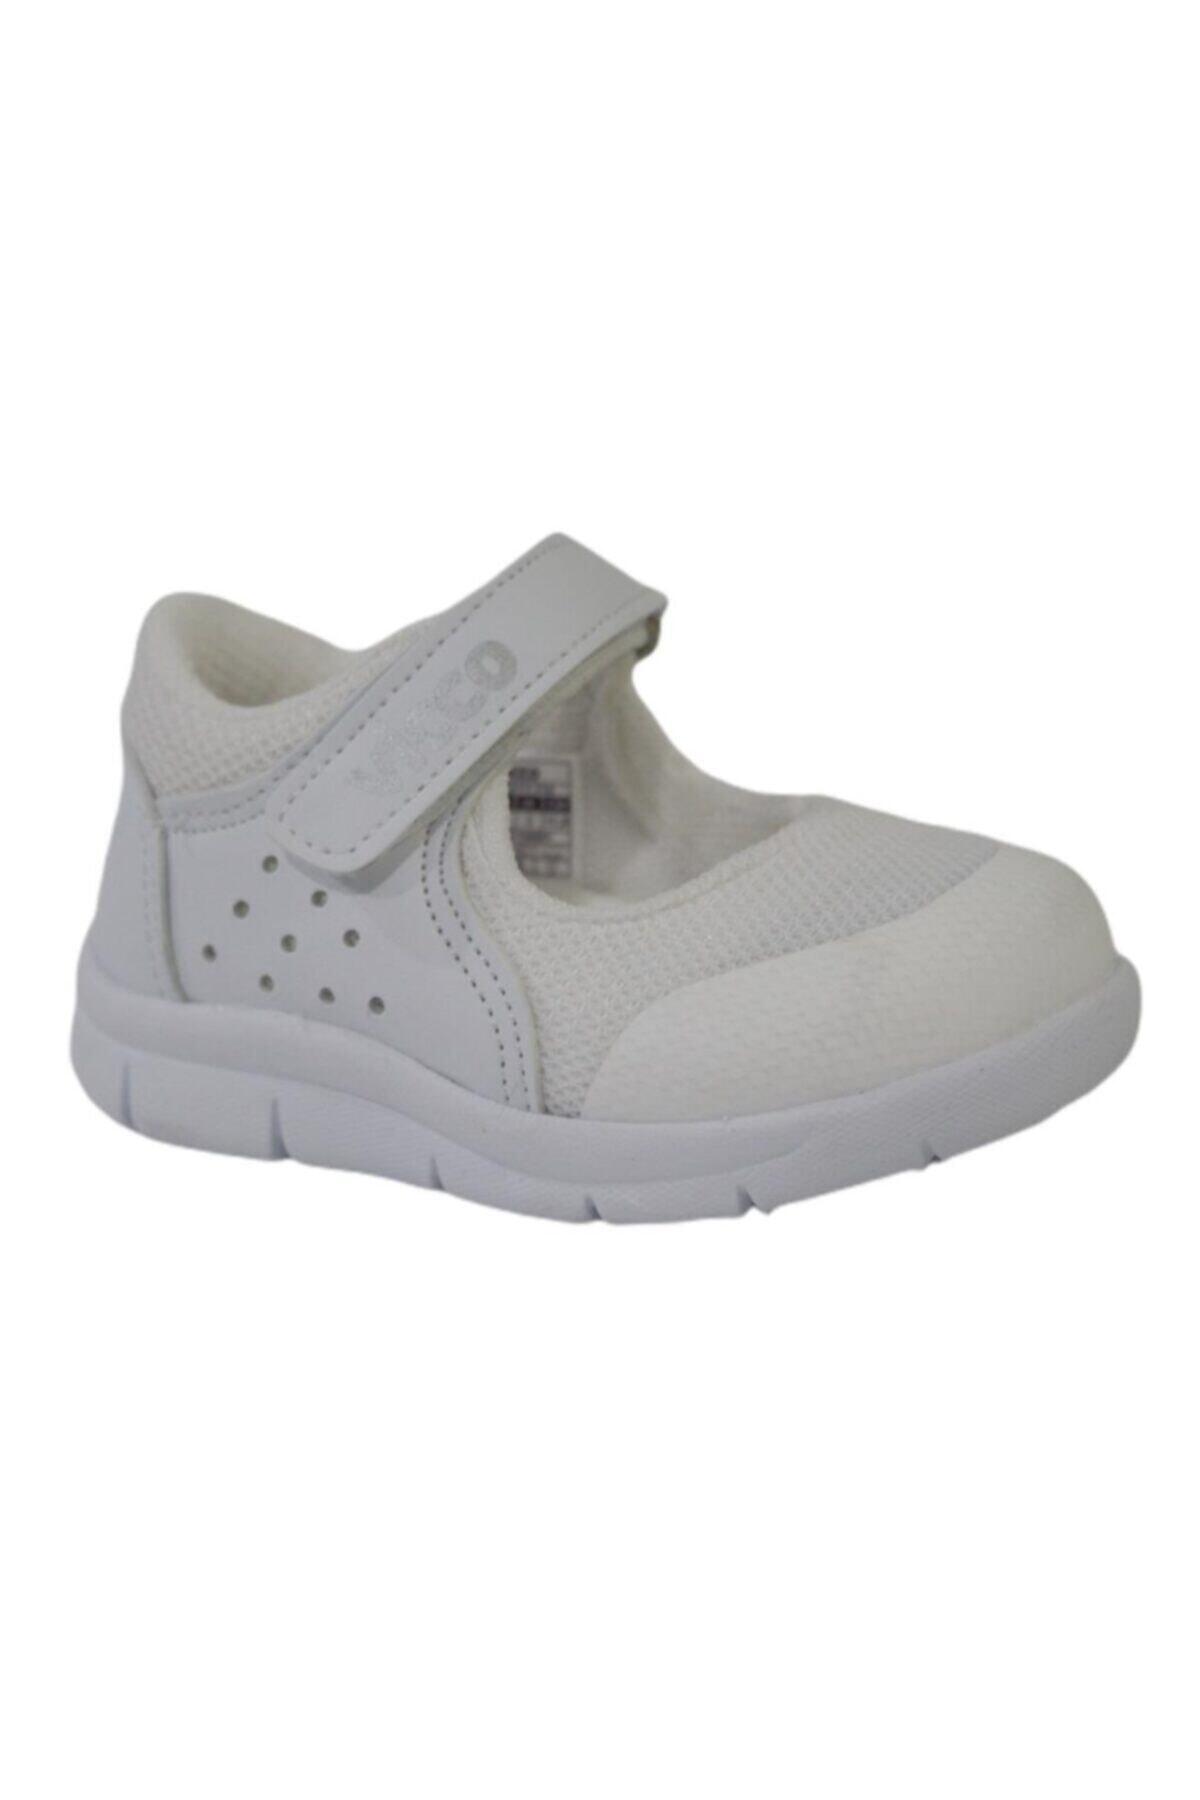 Kız  Çocuk Rahat Sandalet Ayakkabı 346.b21y.114 (22-25)